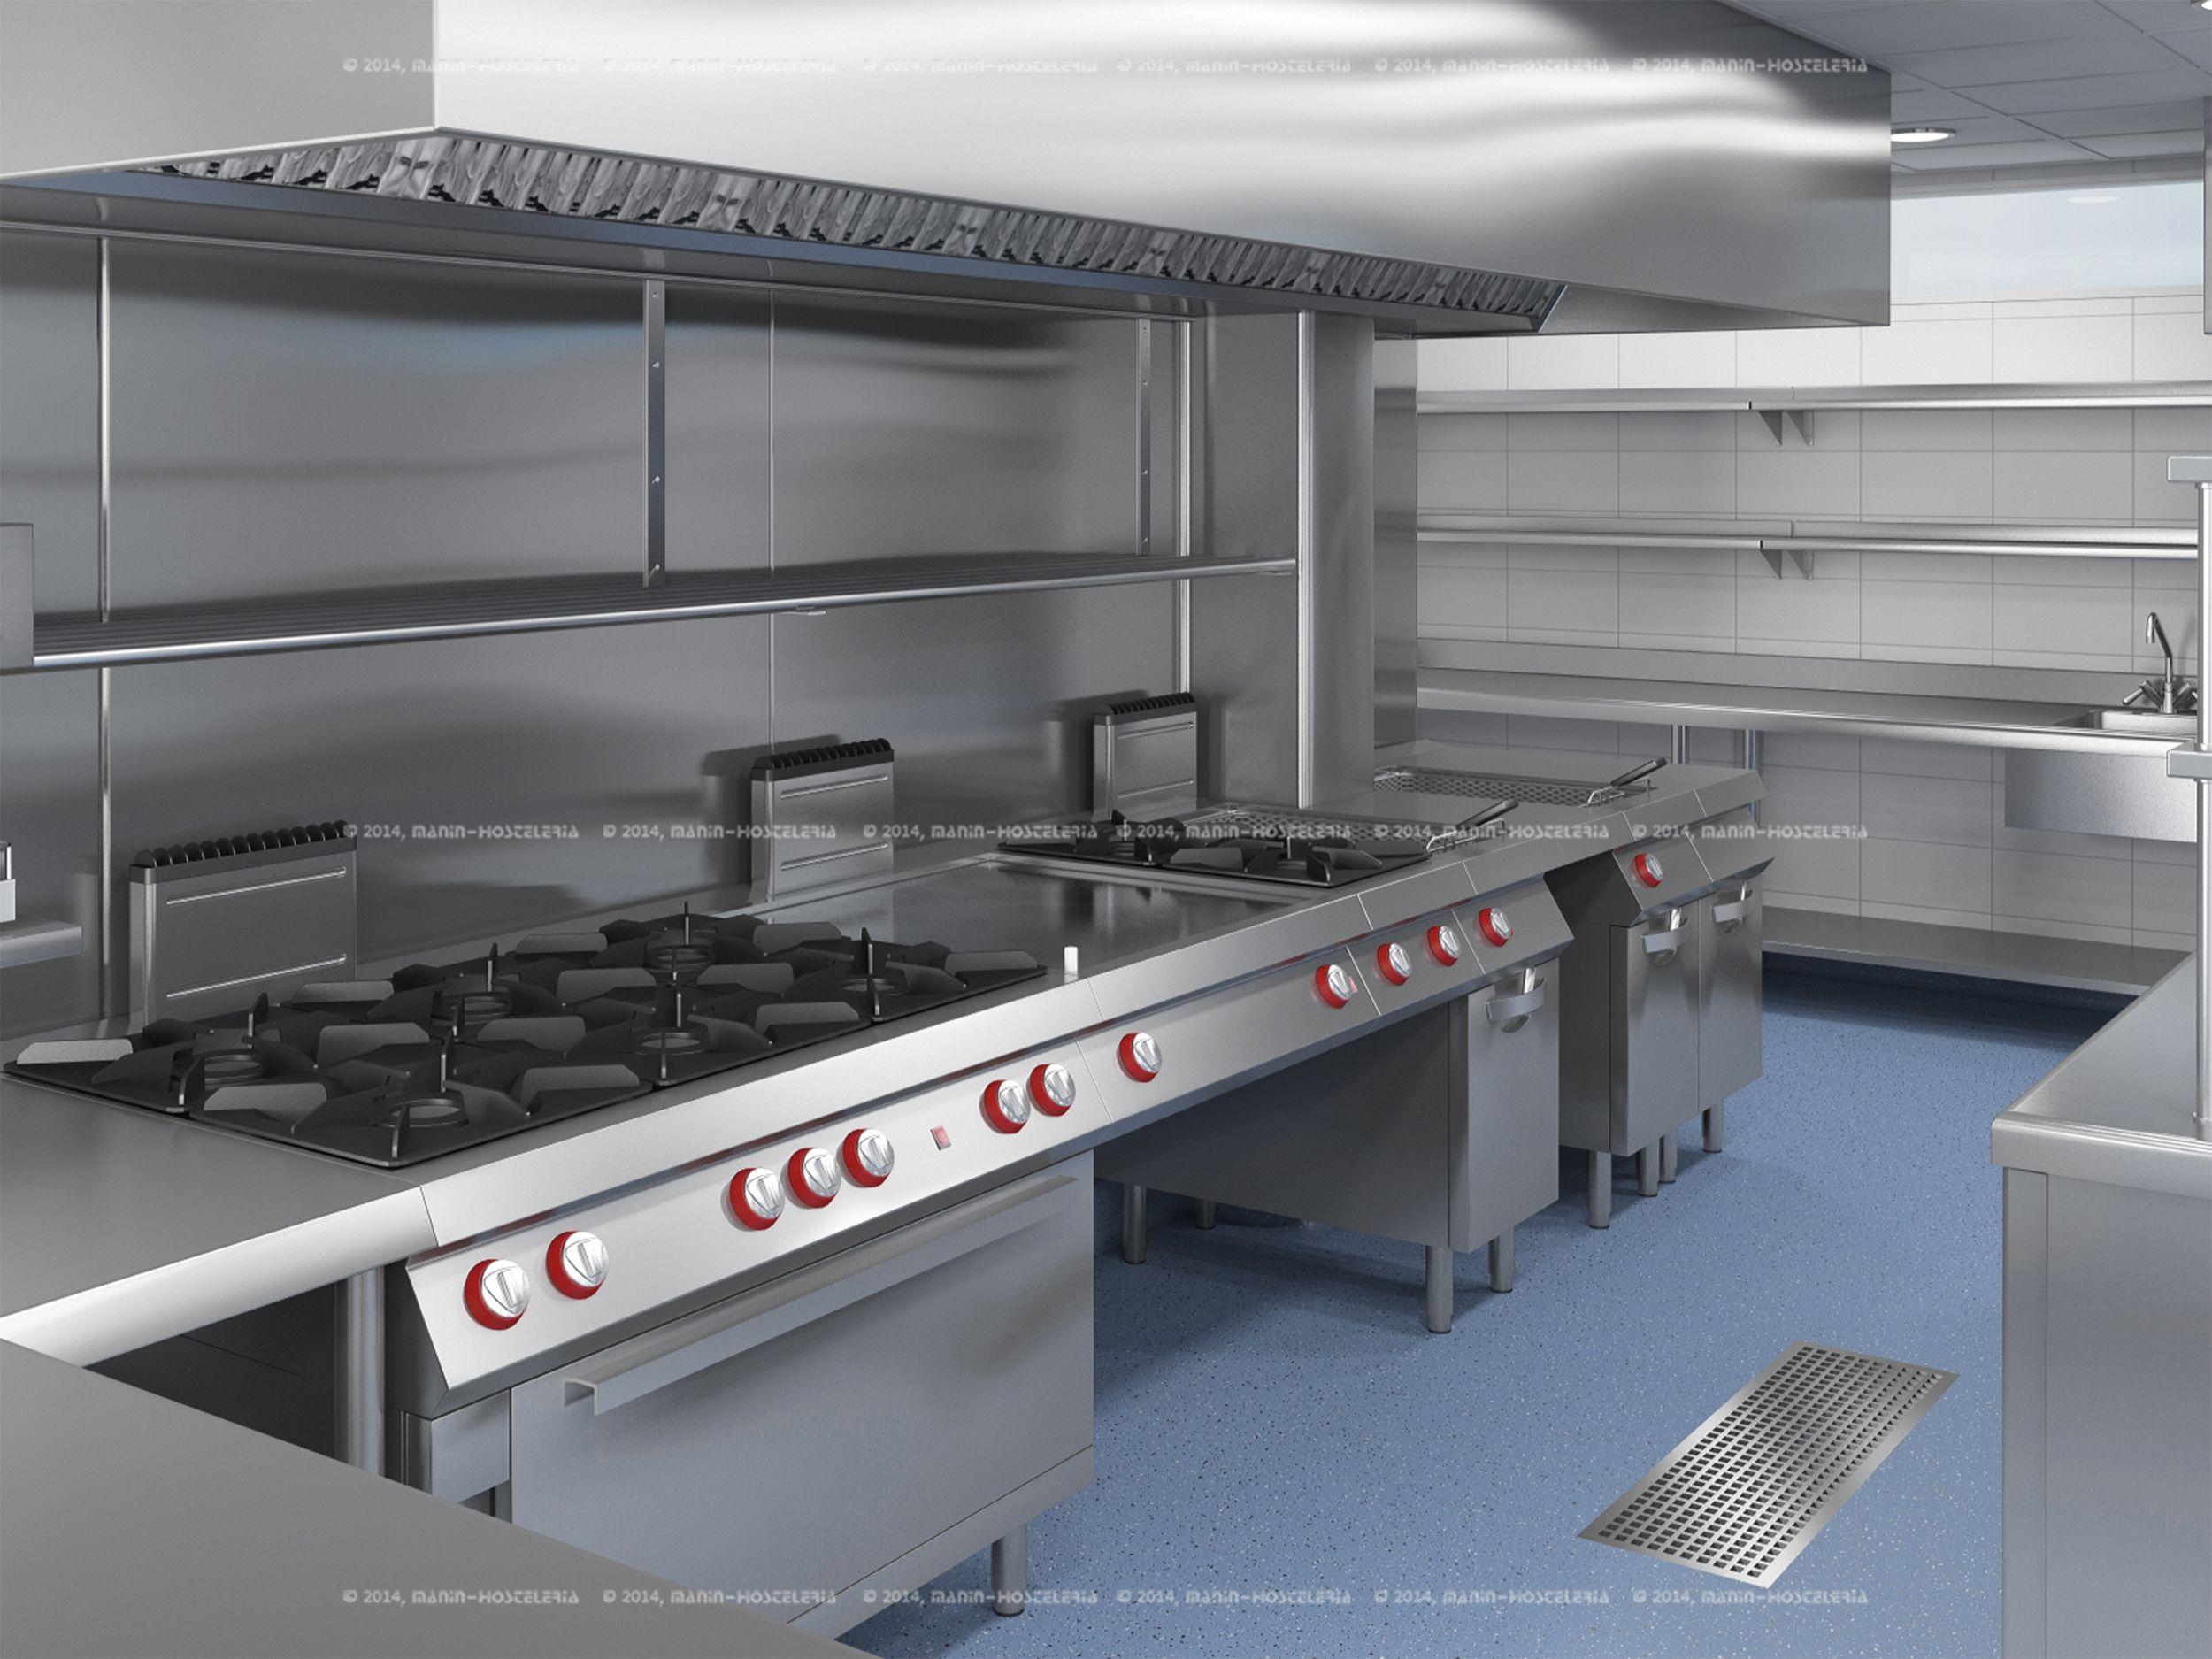 Dise o de cocina industrial en 3d y cad con rea for Diseno cocinas 3d gratis espanol